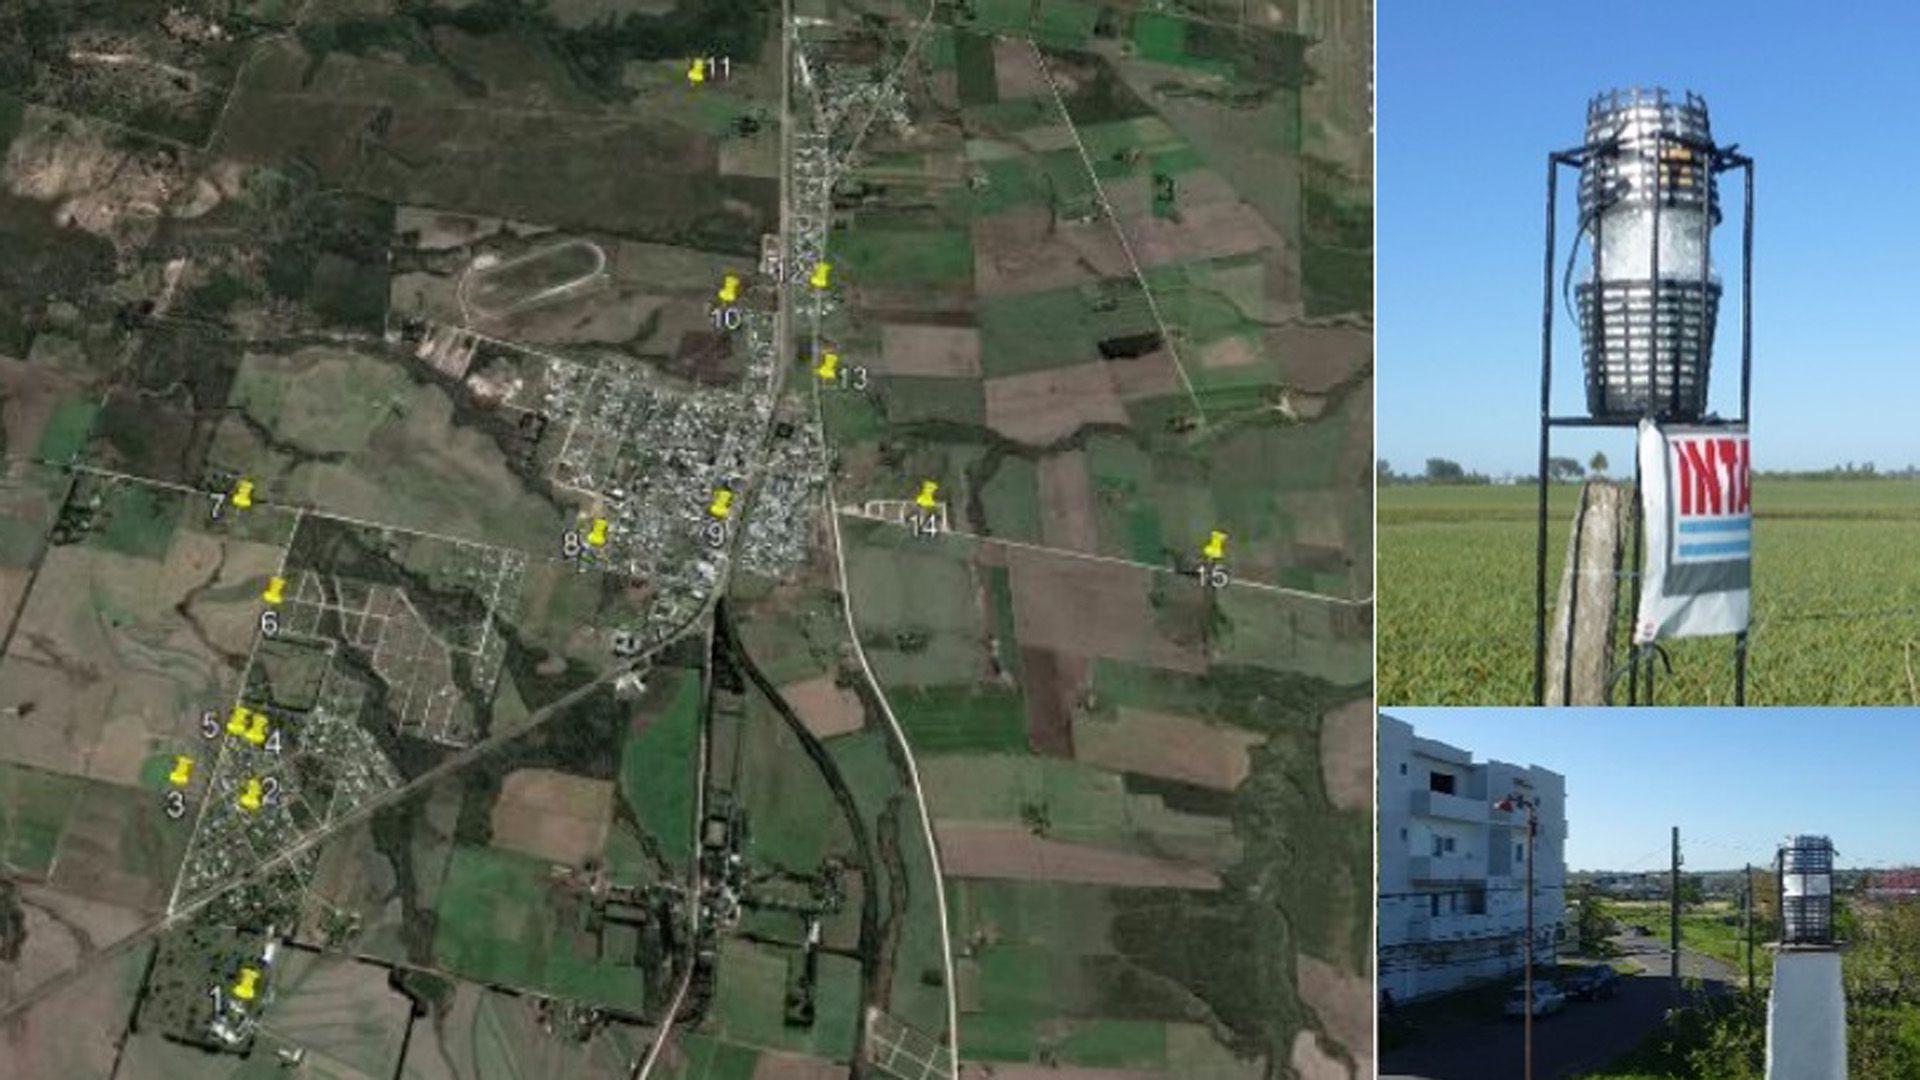 El mapa de la zona en Entre Ríos donde se detectaron agroquímicos en el aire (FAUBA)